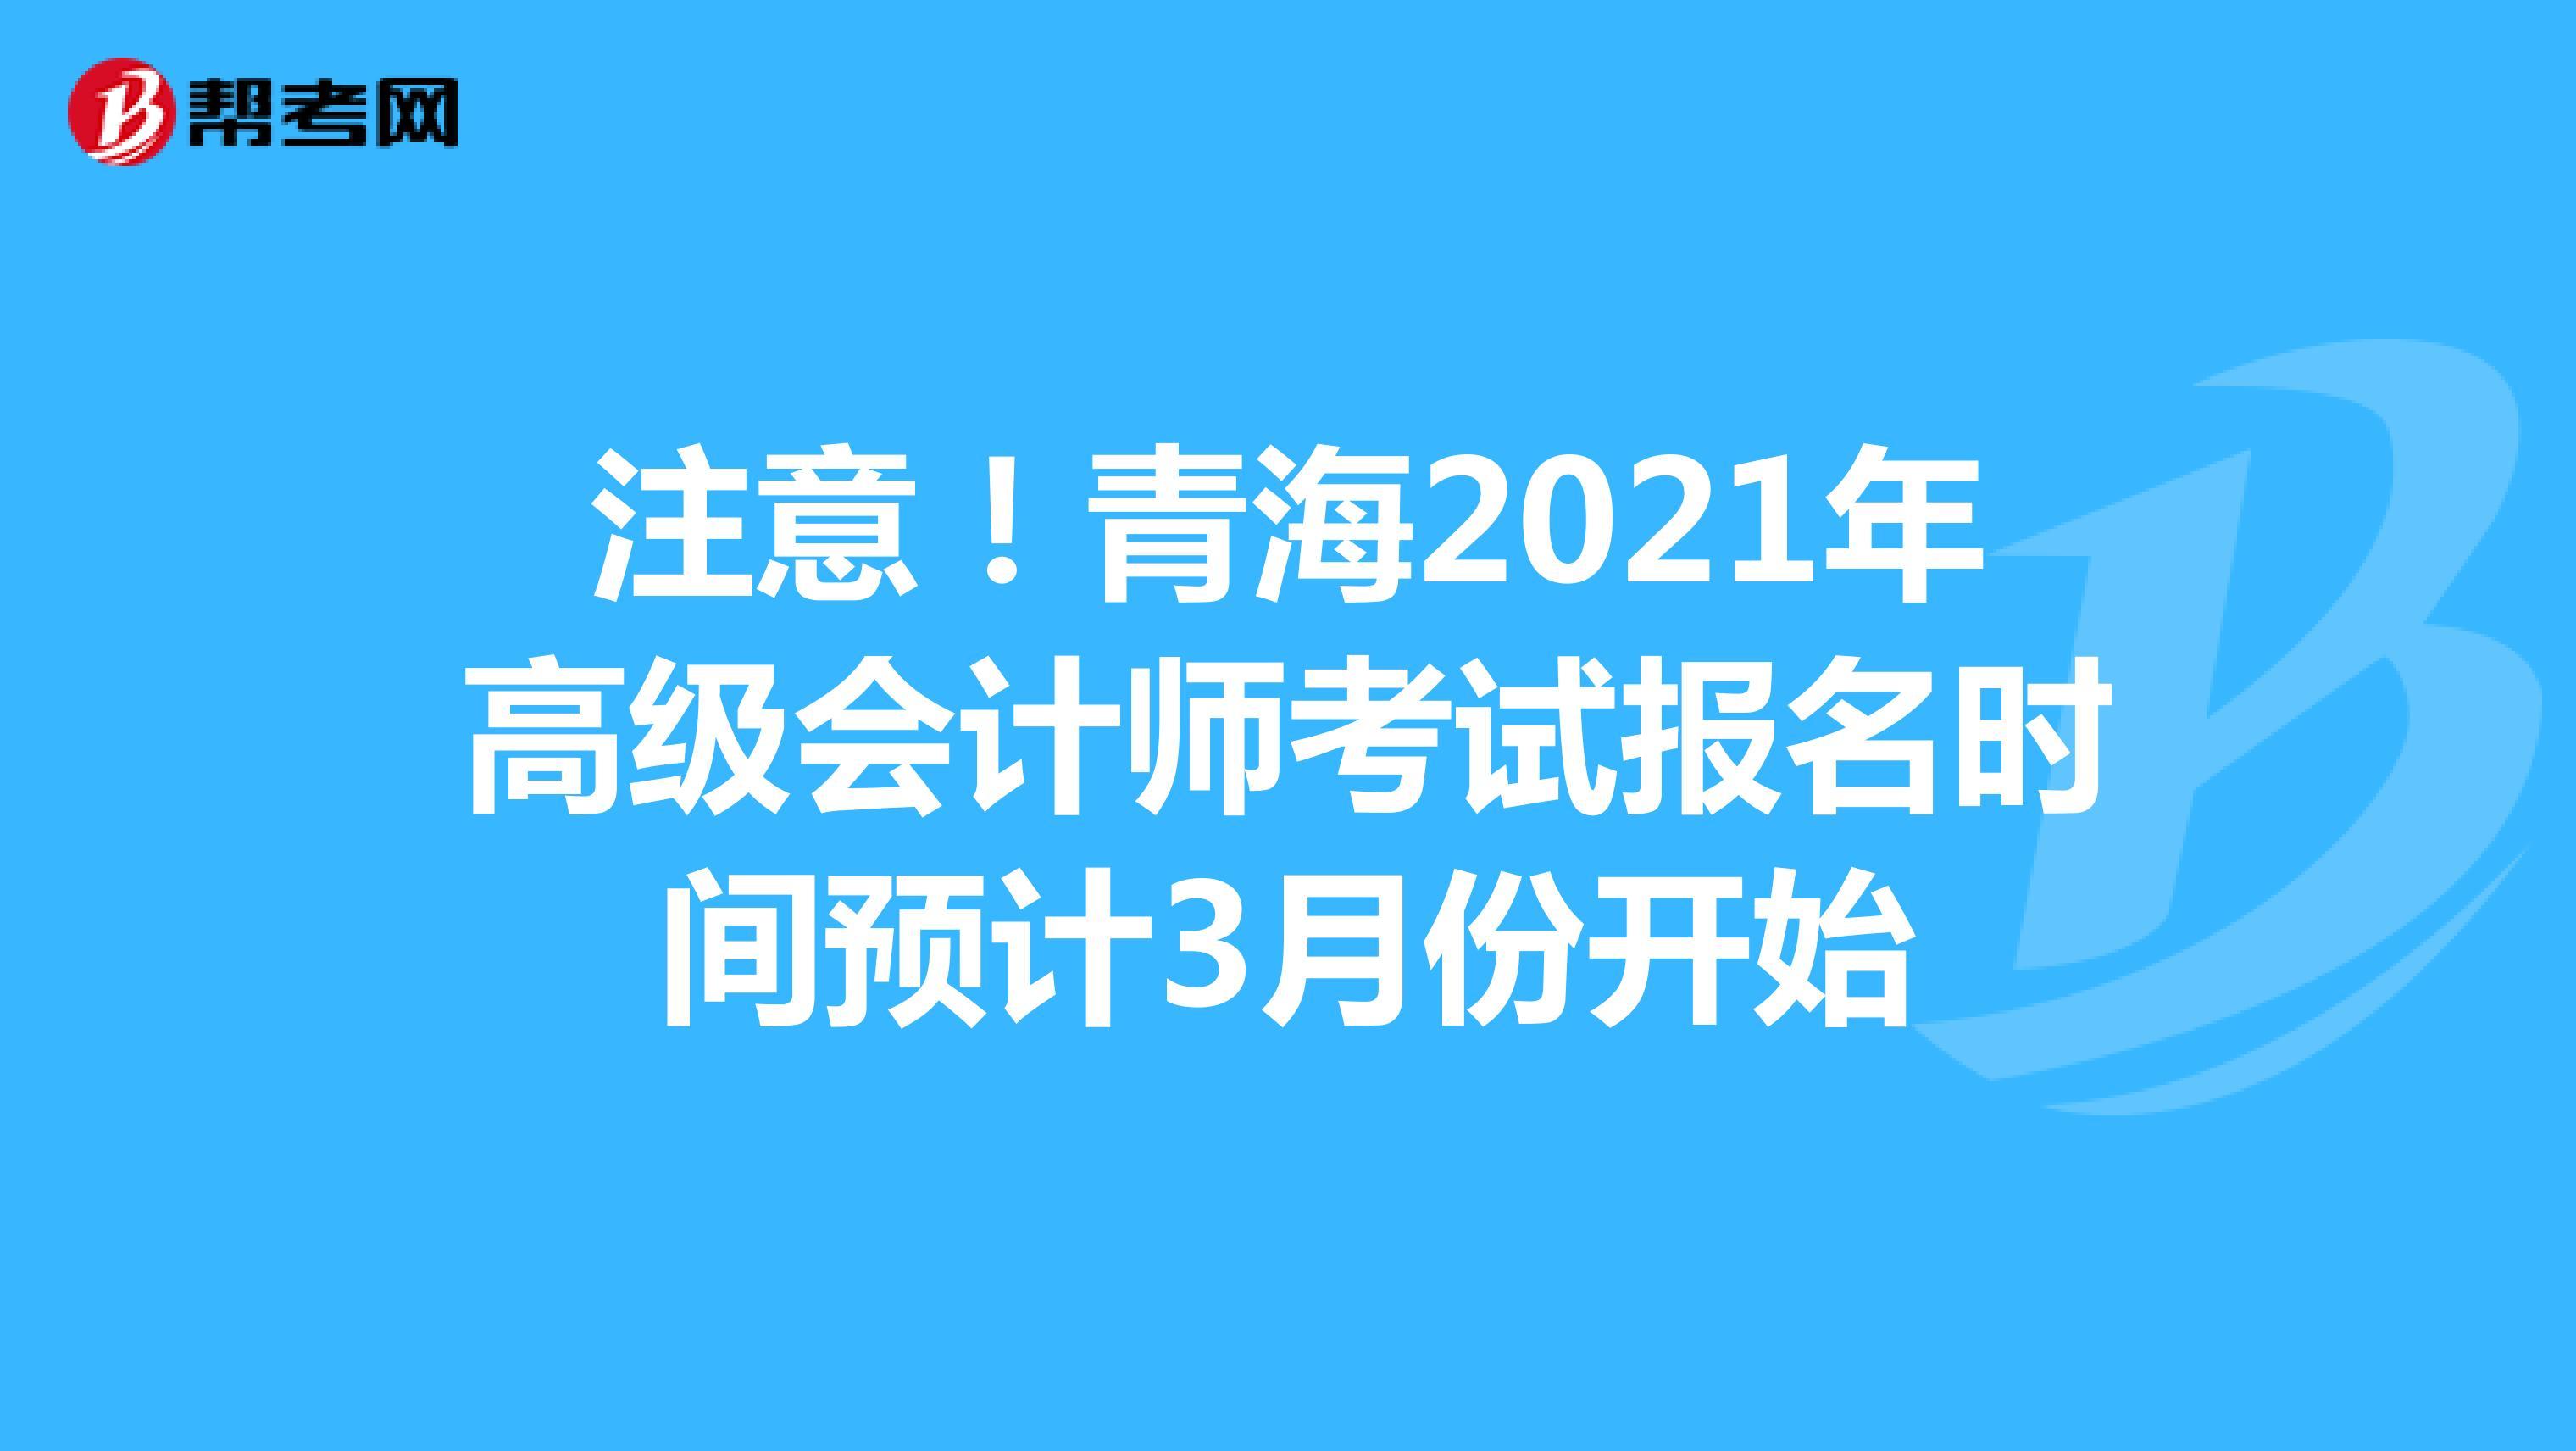 注意!青海2021年高级会计师考试报名时间预计3月份开始